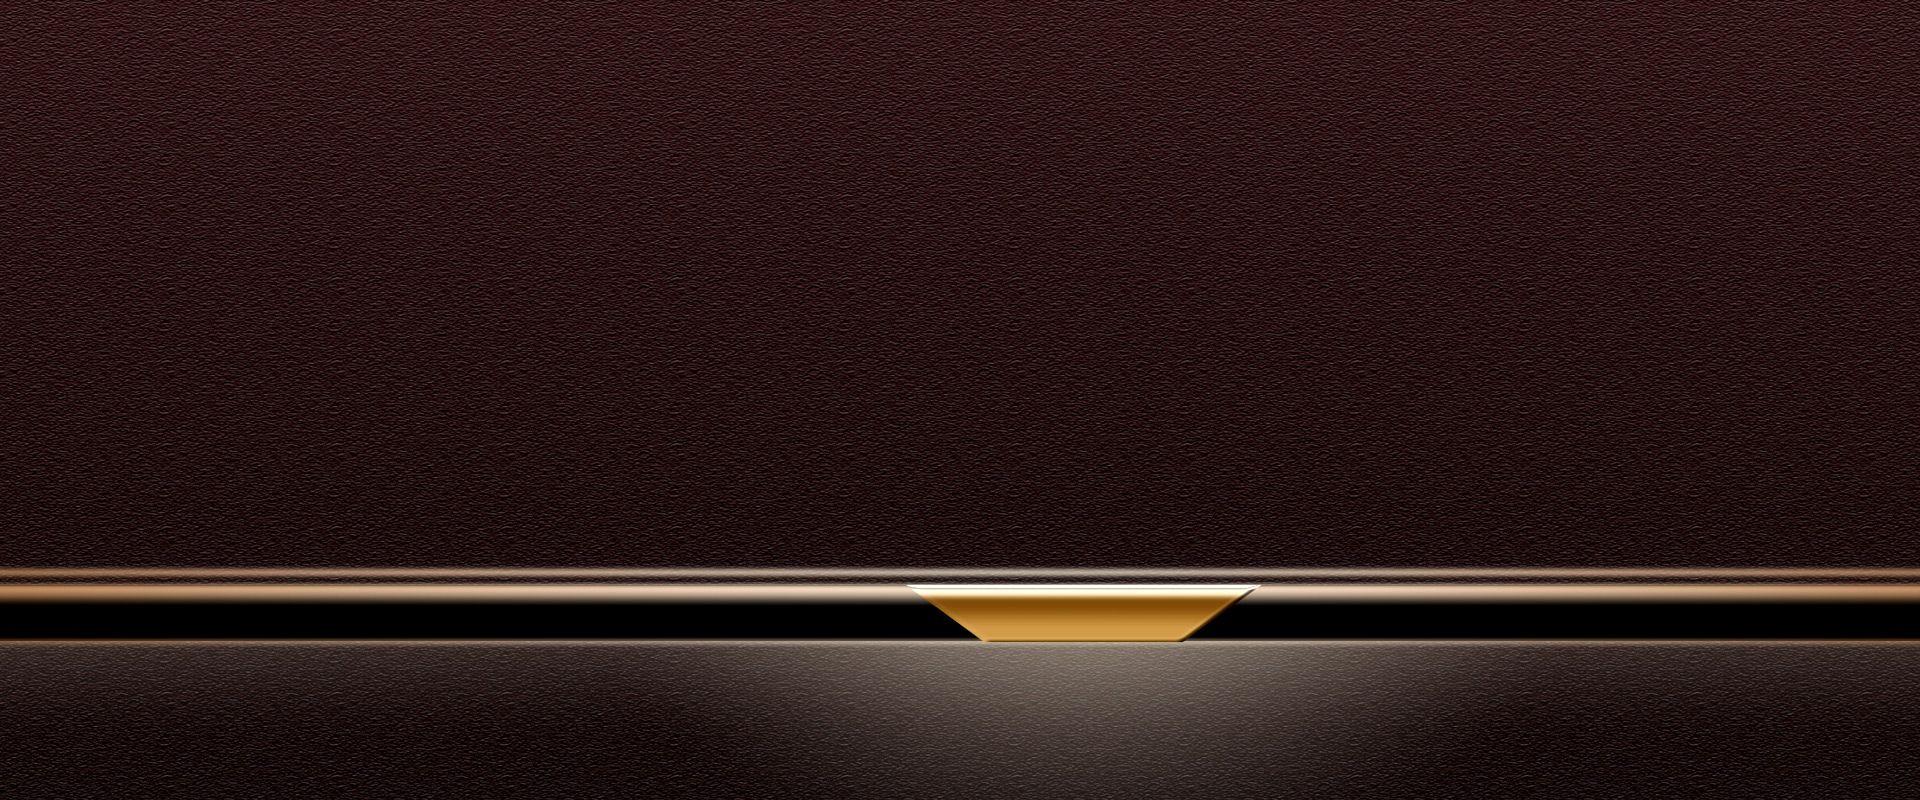 مفكرة الحاسب المحمول حاسوب شخصي نسيج الخلفية Leather Texture Textured Background Leather